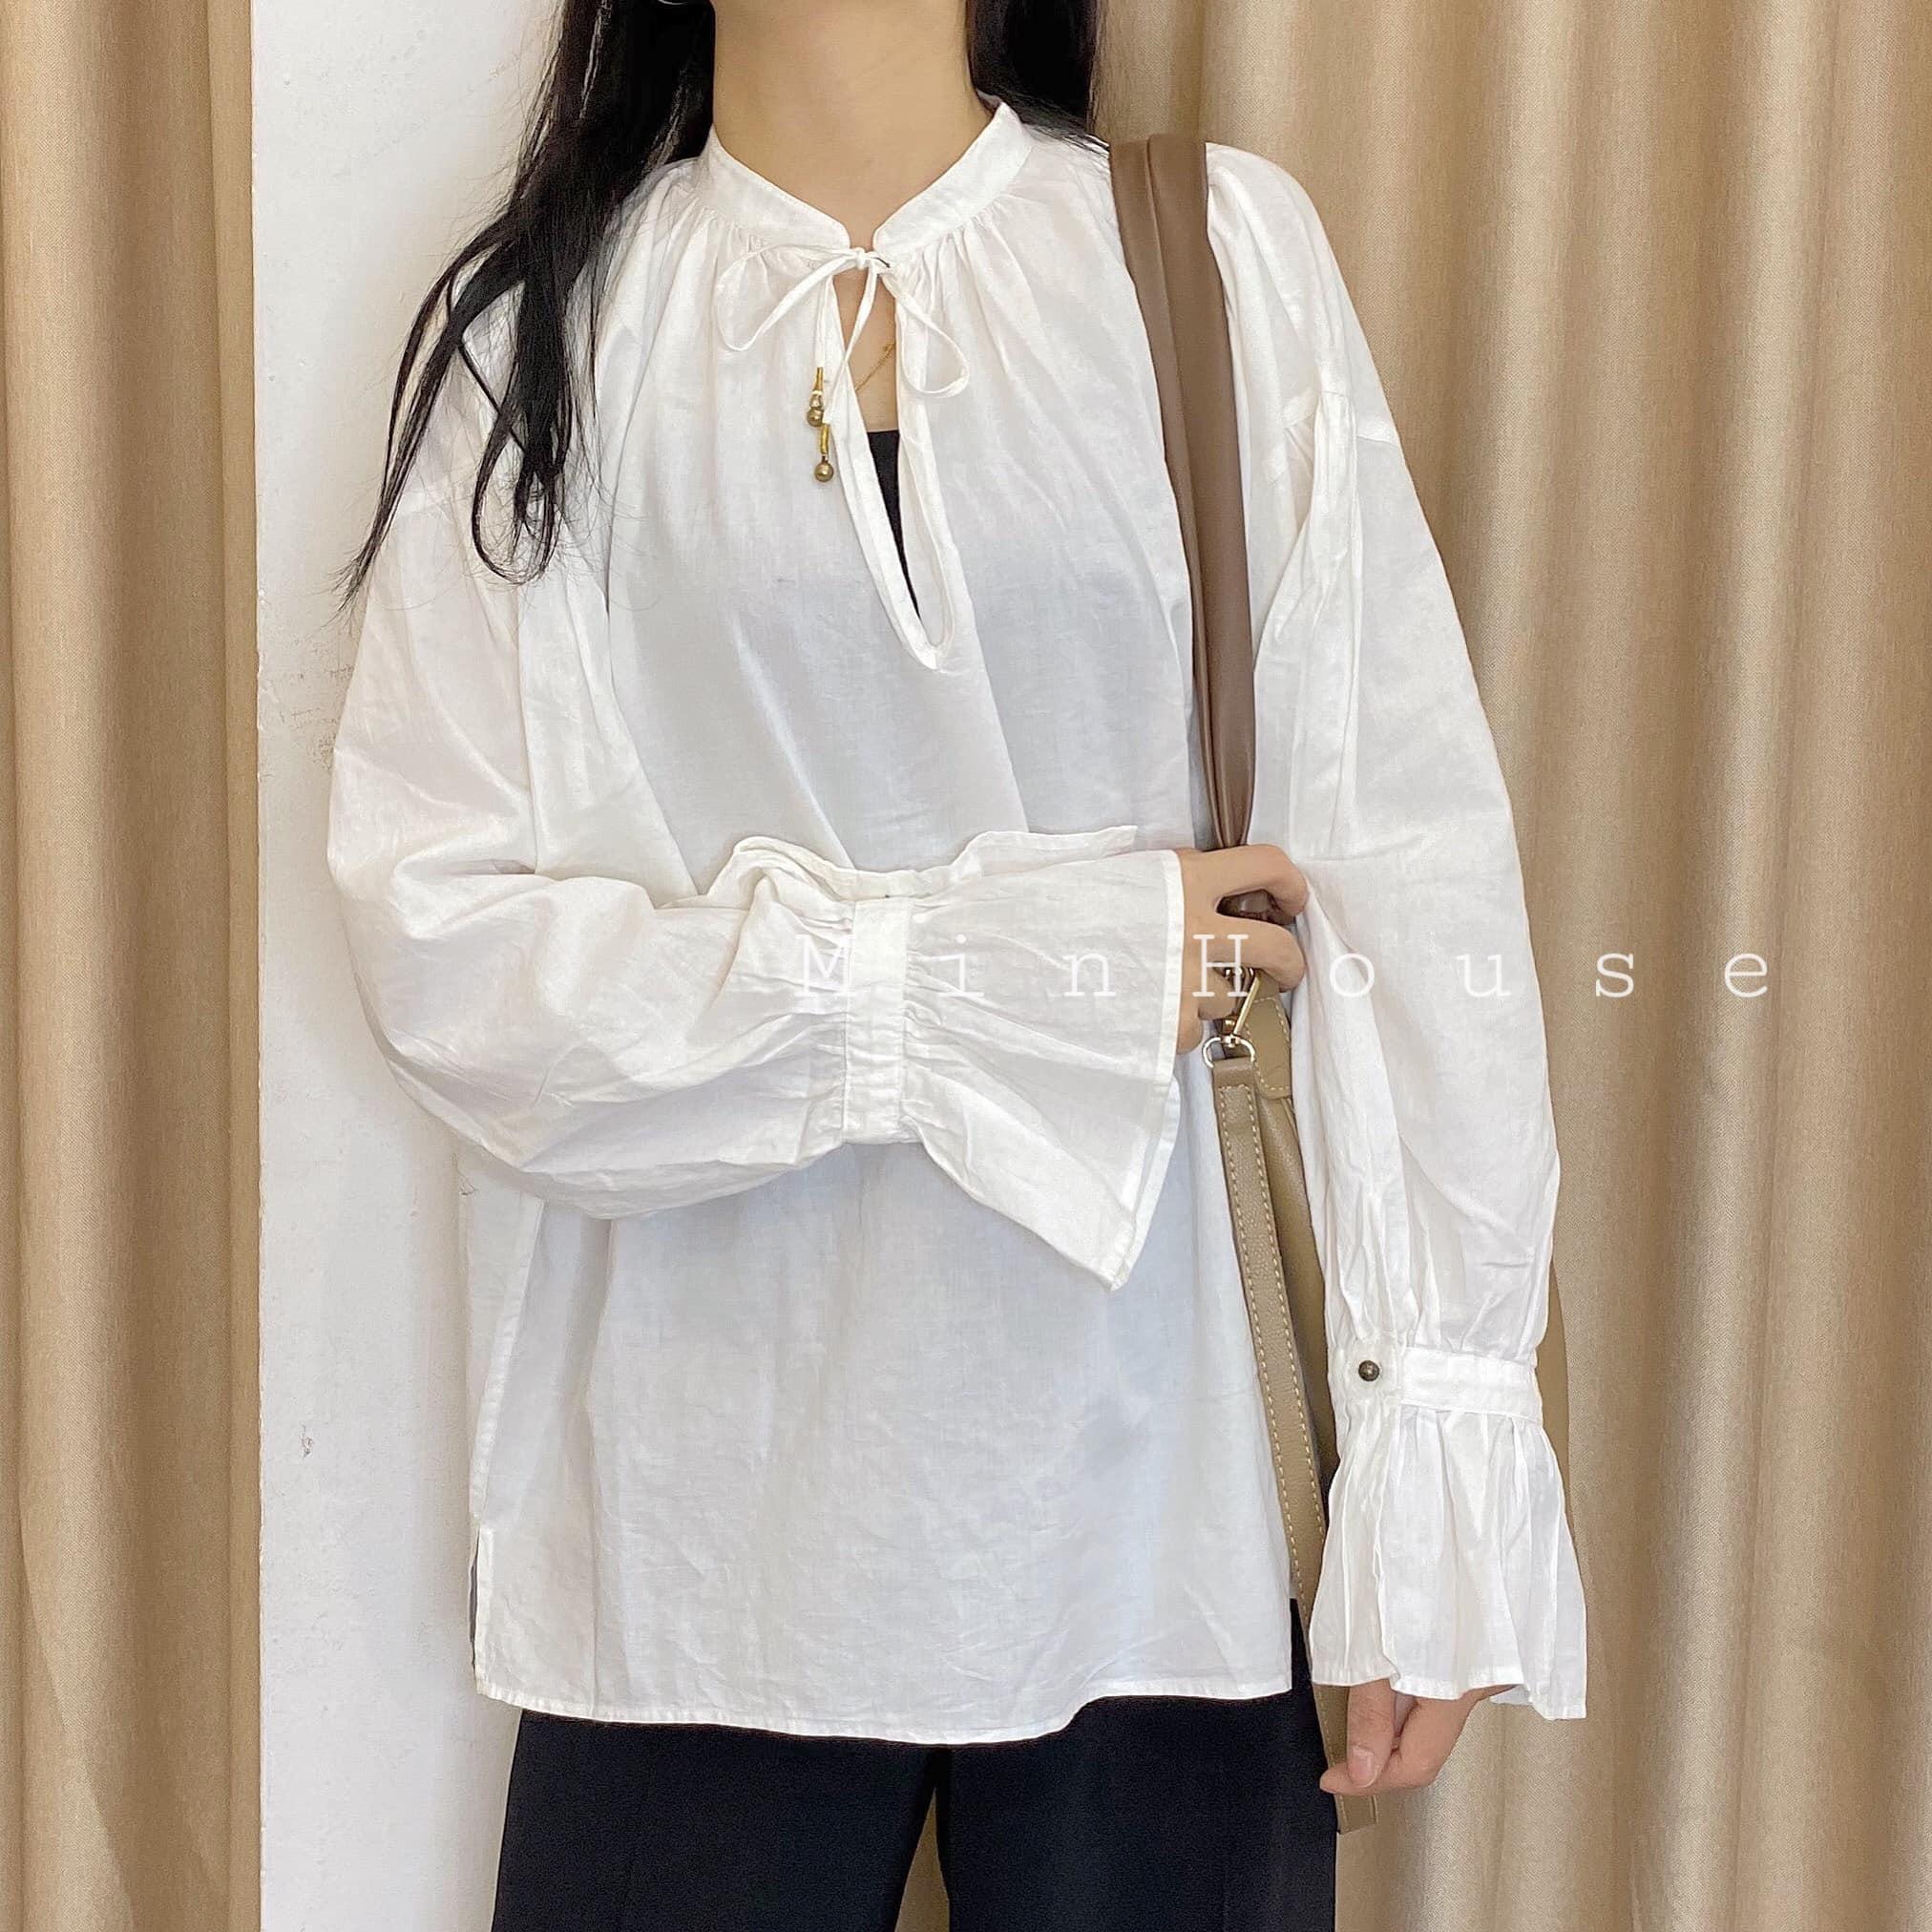 Cách mix áo sơ mi trắng nữ thật phong cách và thời trang